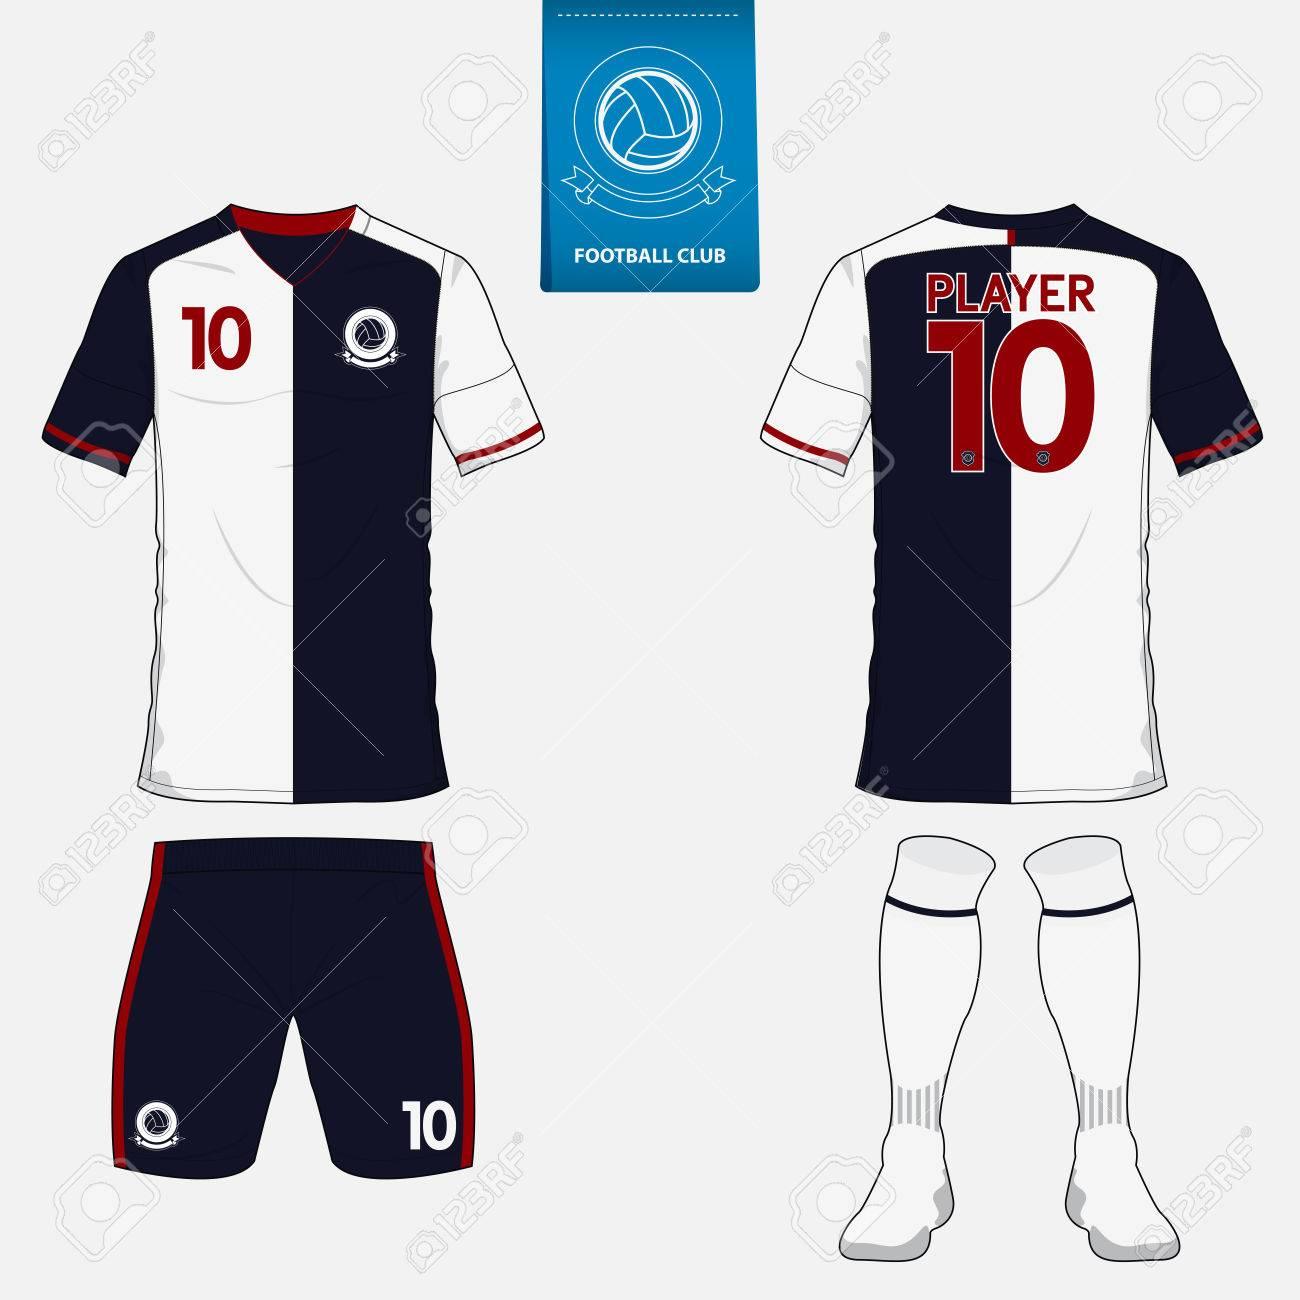 Conjunto De Juego De Fútbol O Plantilla De Camiseta De Fútbol Para El Club  De Fútbol. Logotipo Del Fútbol Plana En La Etiqueta Azul. a14efbf7a3282